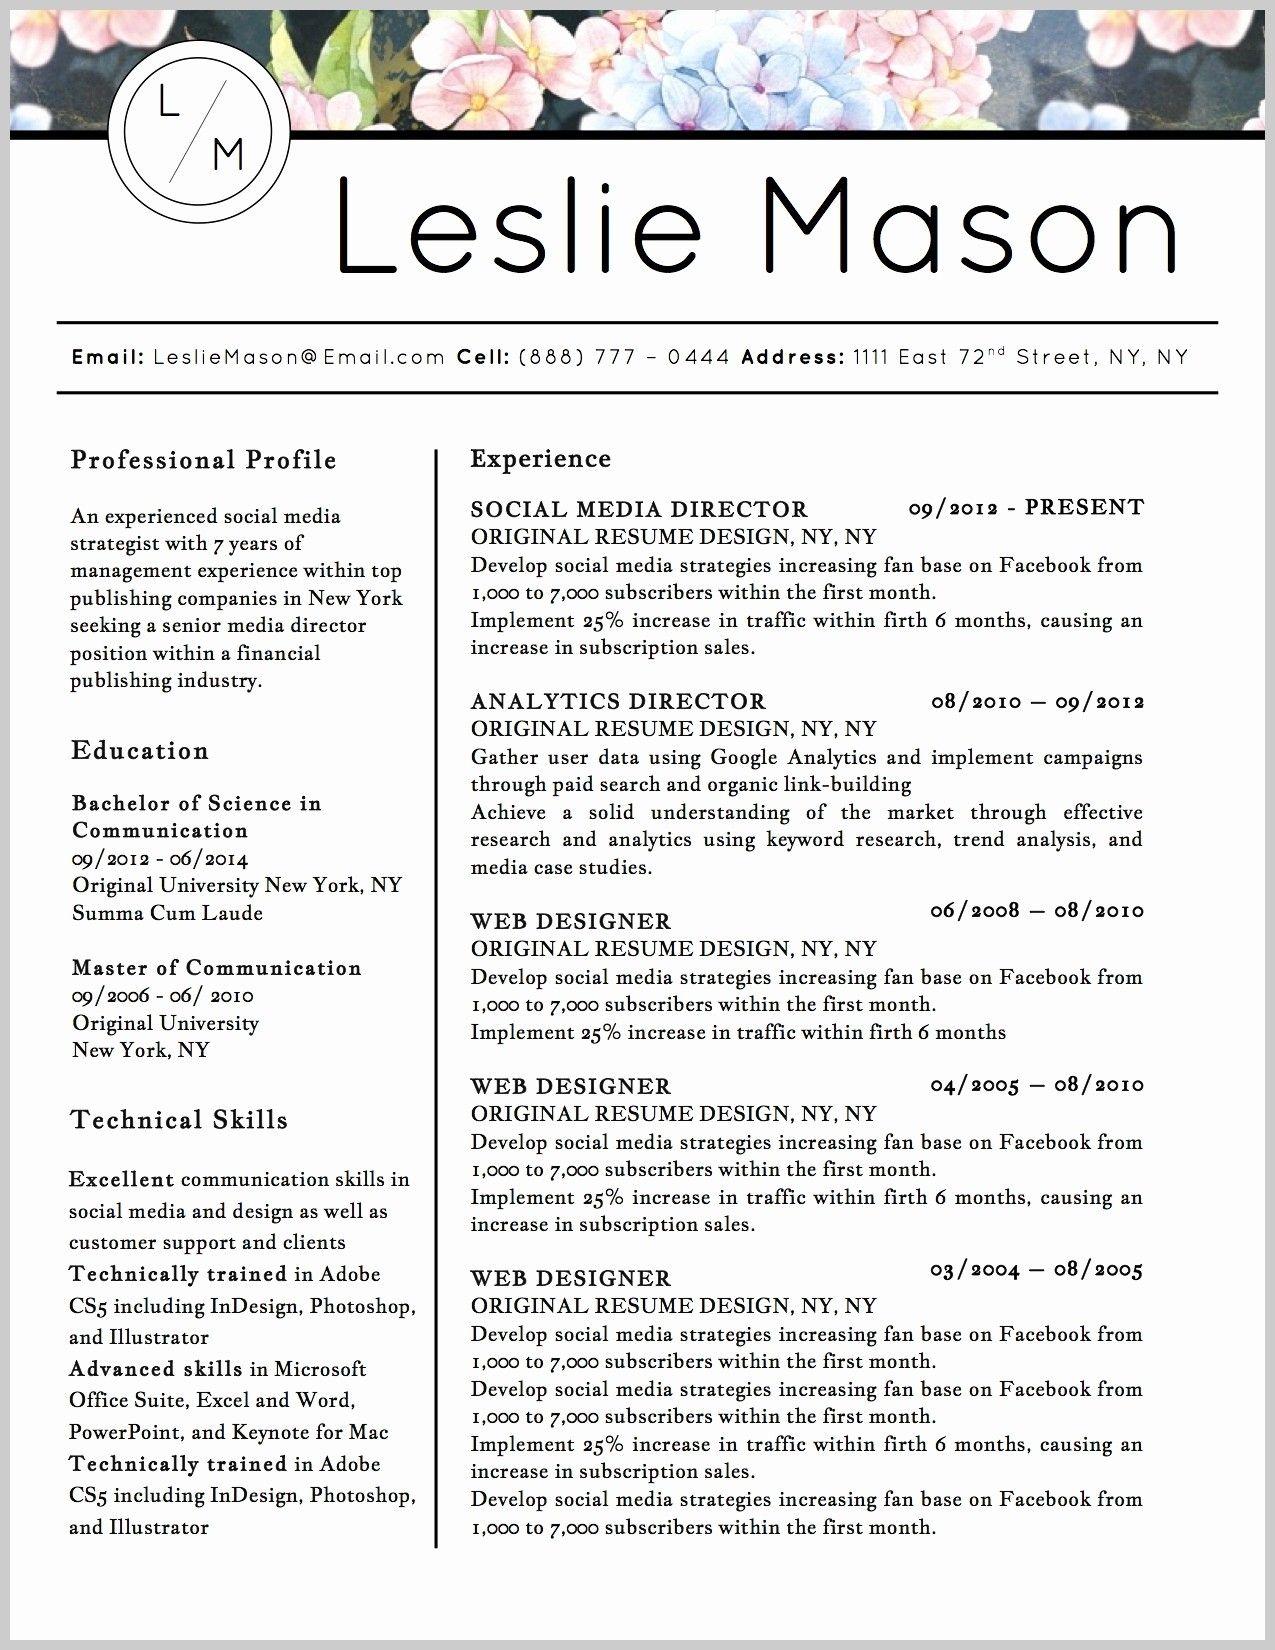 Resume Templates Paid , ResumeTemplates Resume